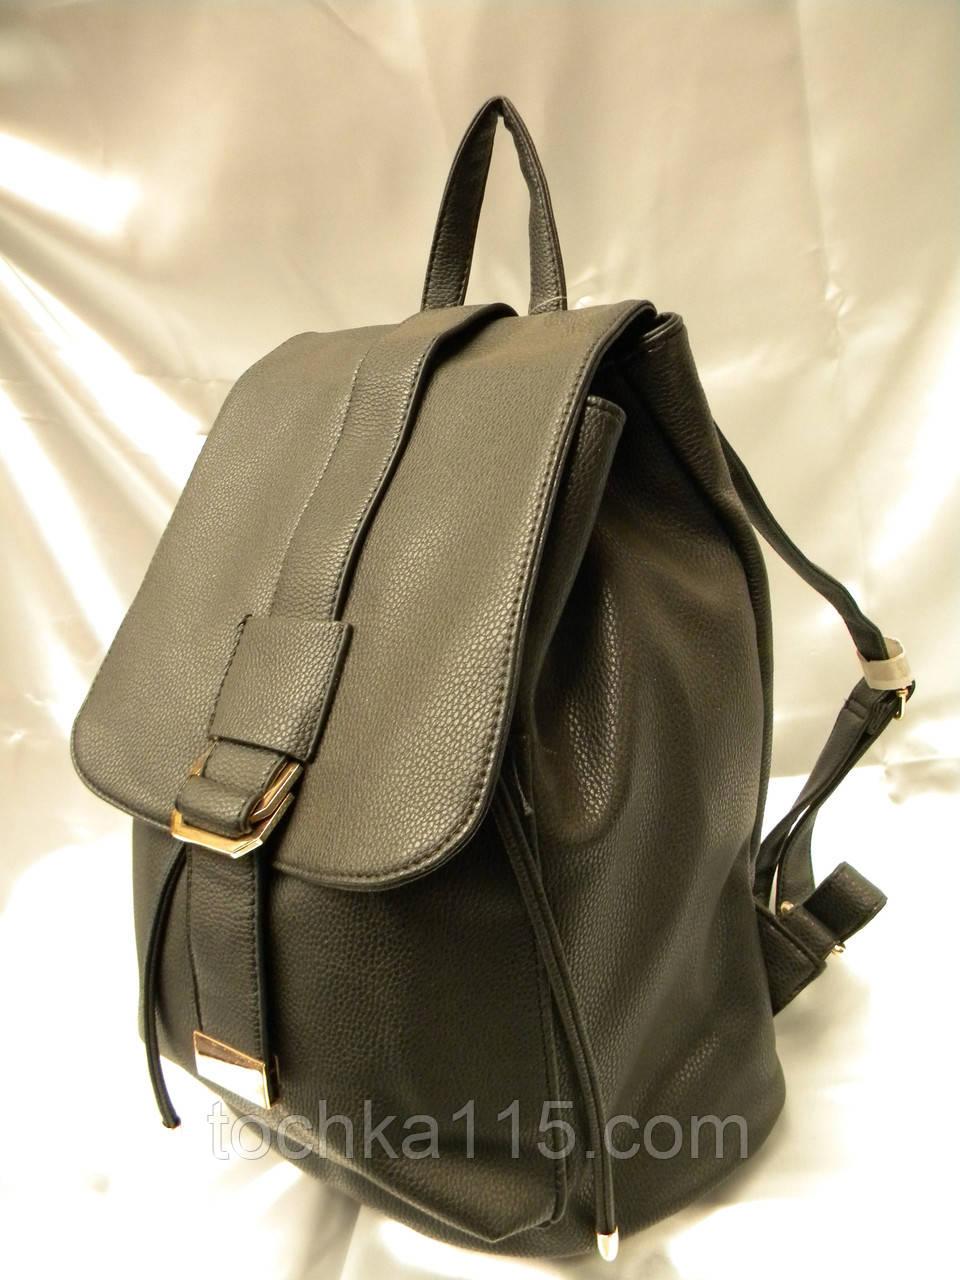 f163d2543d97 Стильный женский рюкзак, черный кожаный рюкзак, рюкзак для девочки ...